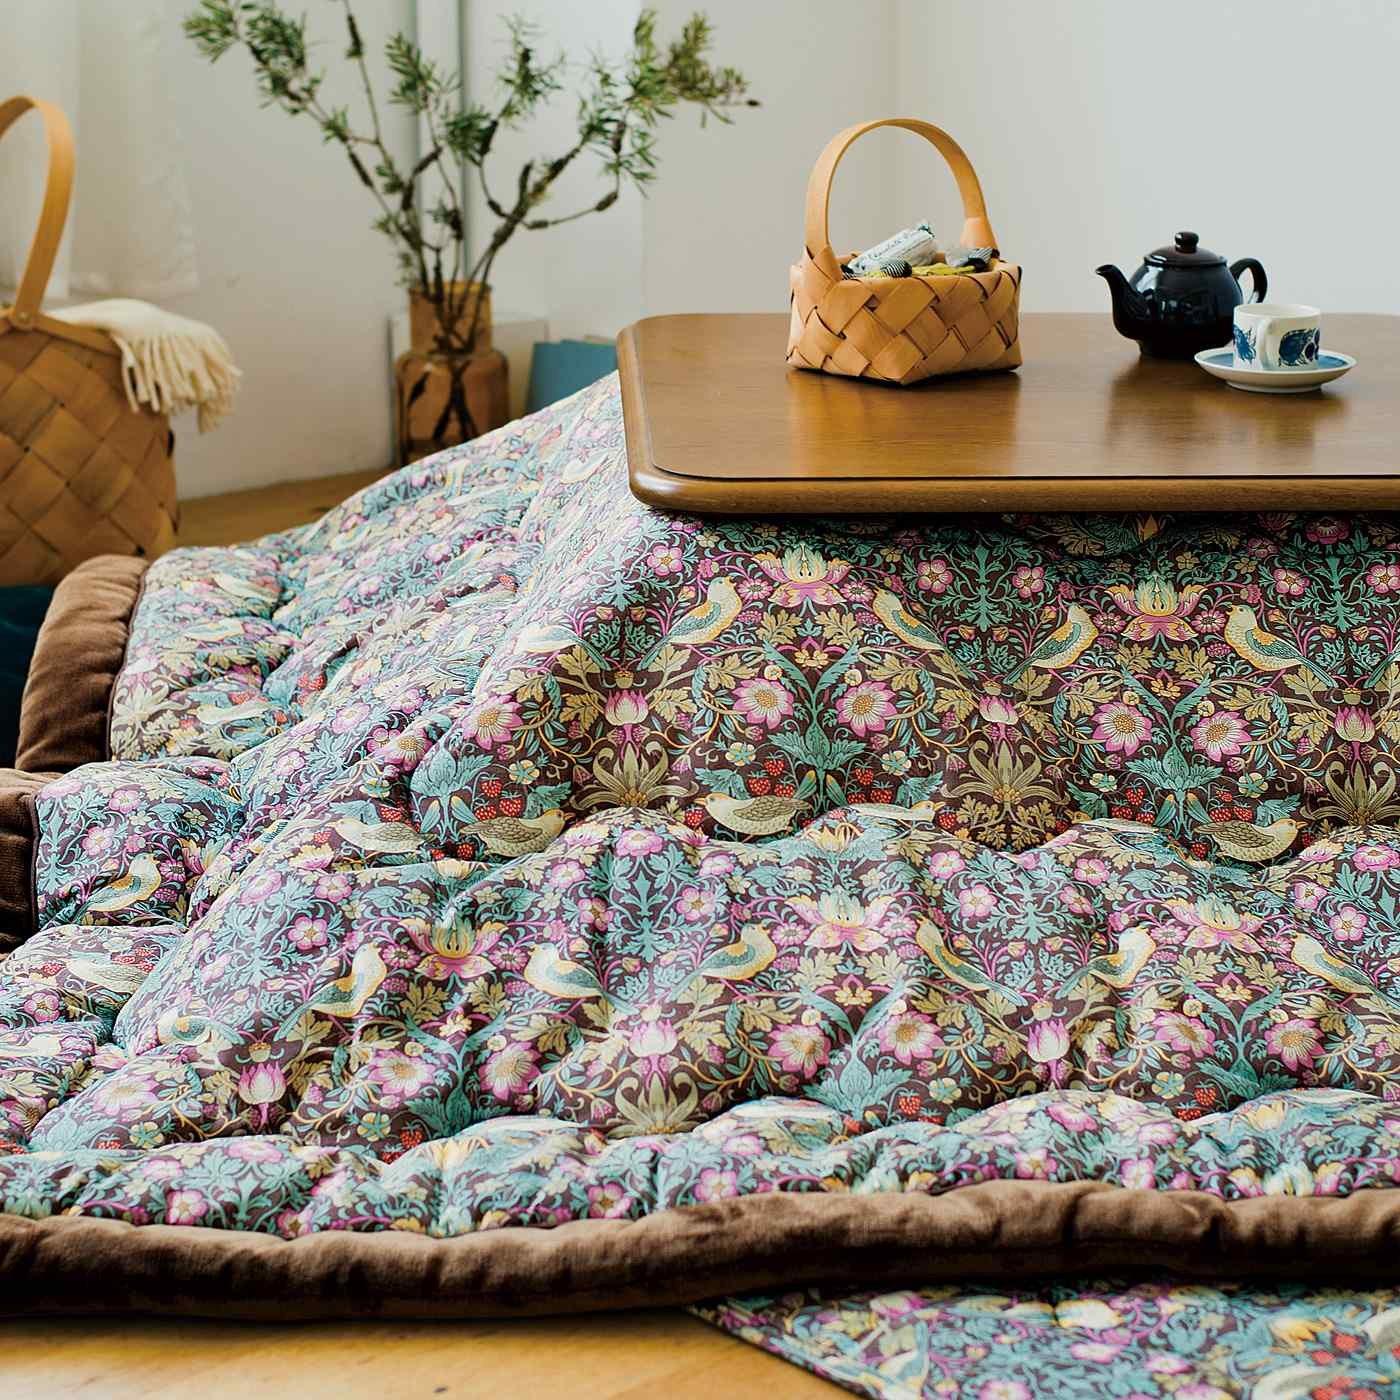 V&A Arts&Crafts collection こだわりインテリアで素敵空間でぬくぬく冬ごもり こたつ掛けふとん いちご泥棒〈正方形〉